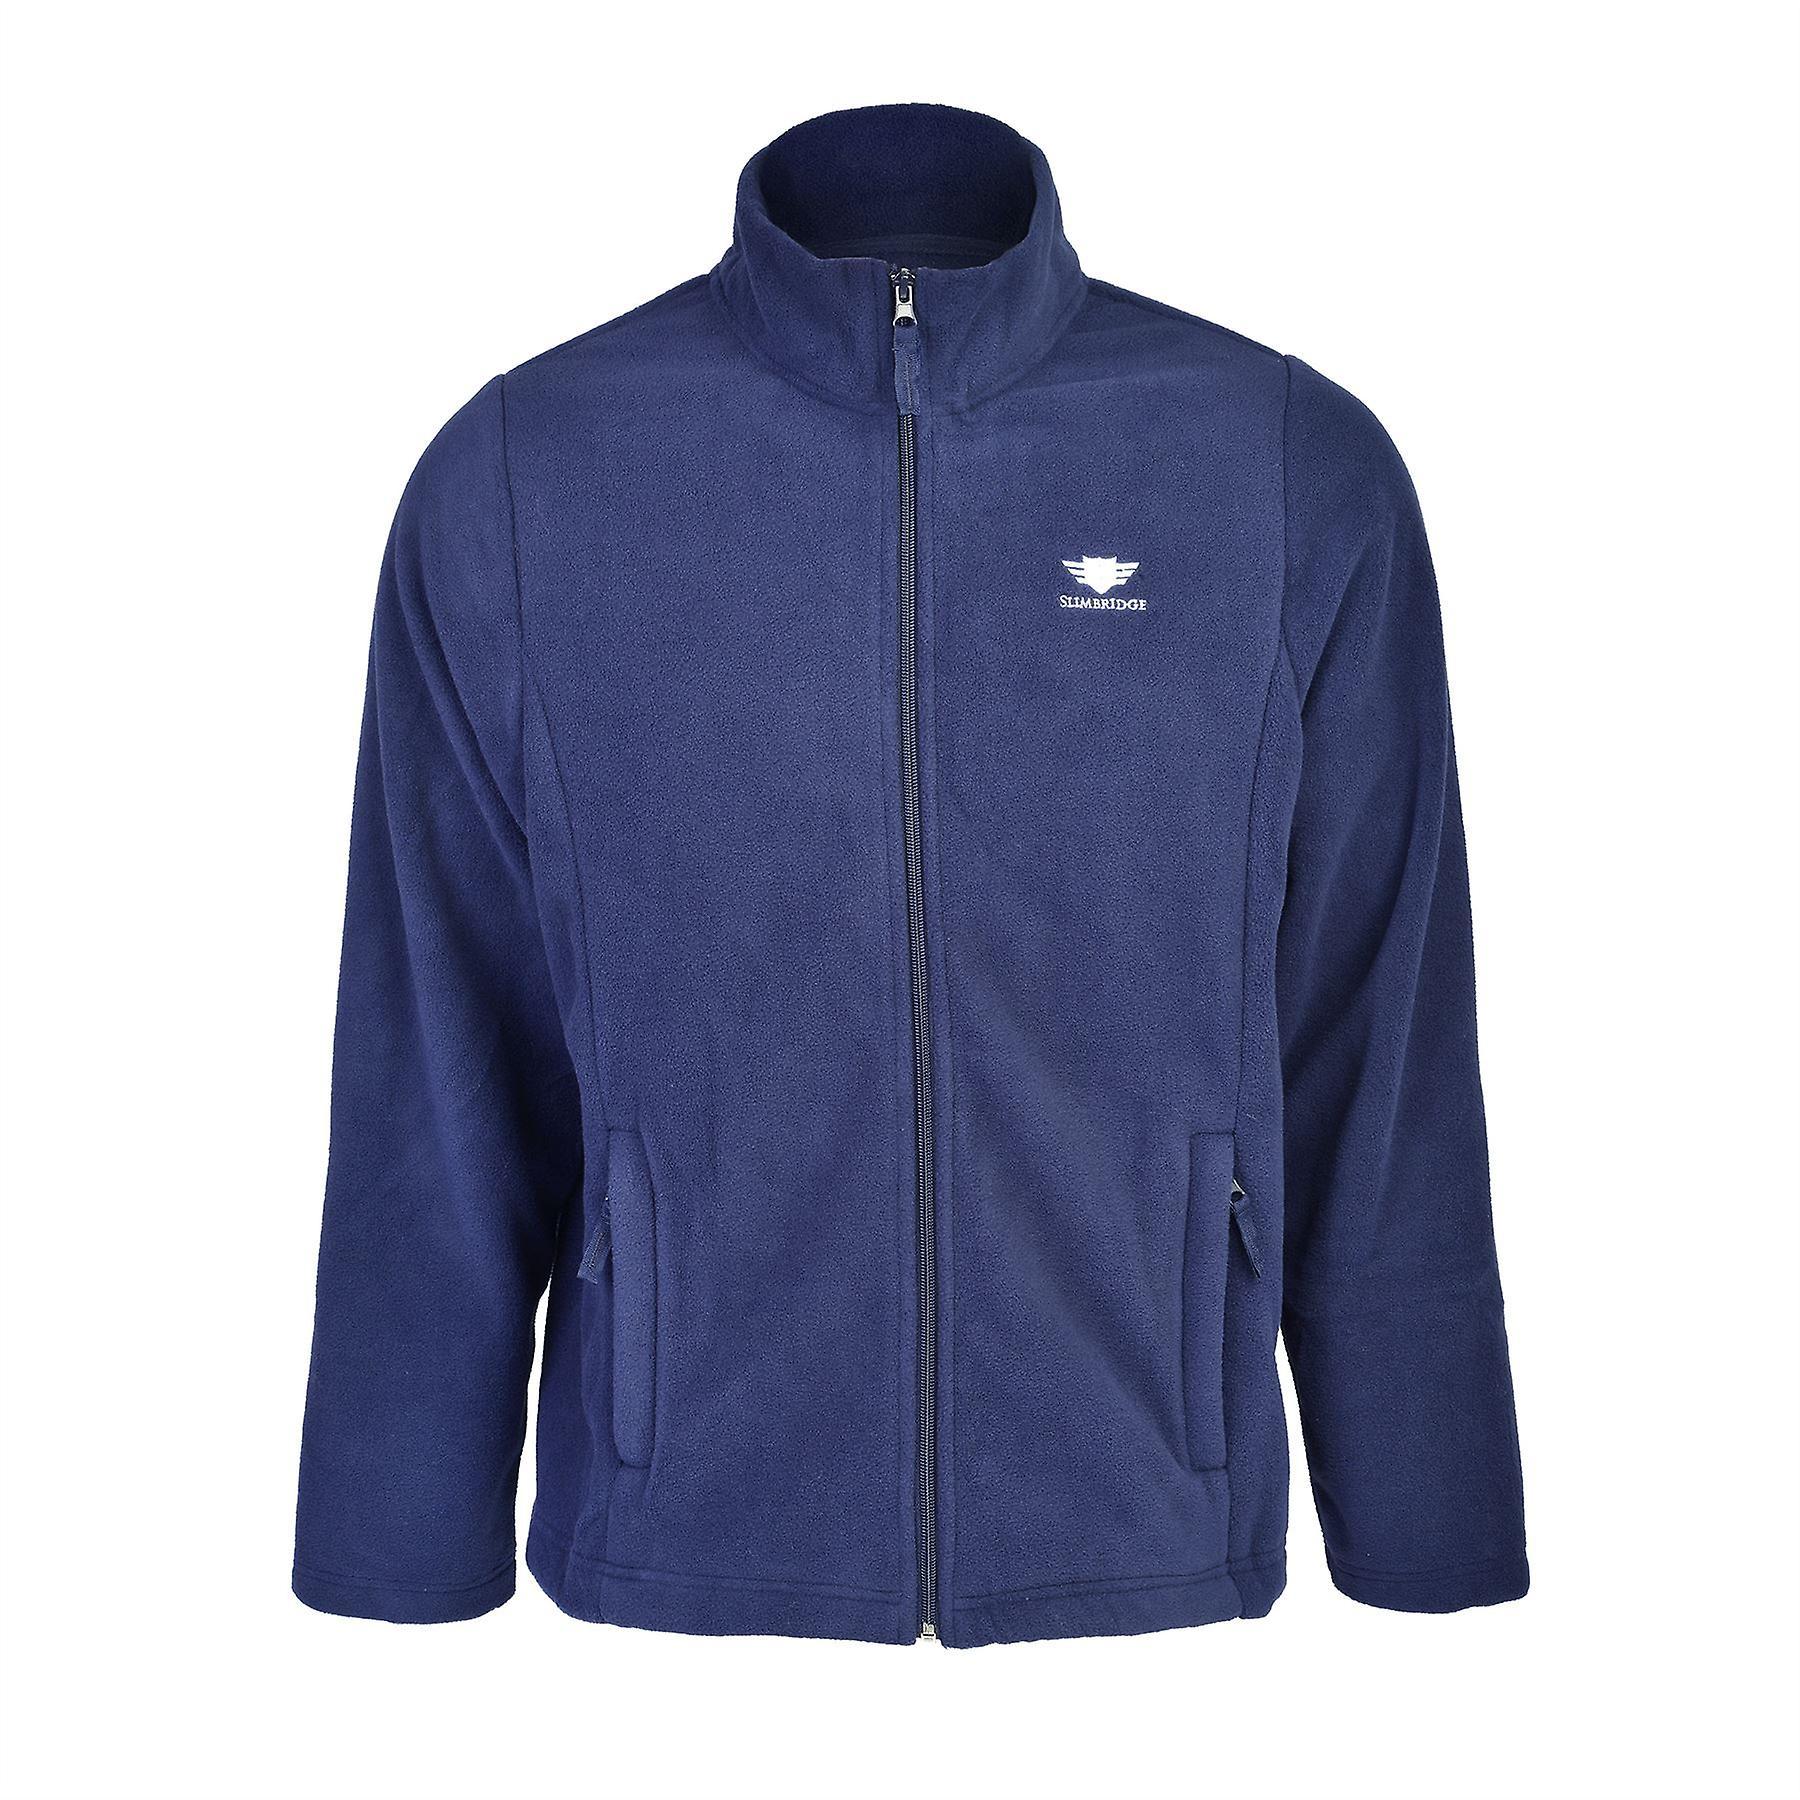 Slimbridge Sanford Size M Mens Fleece Jacket, Navy